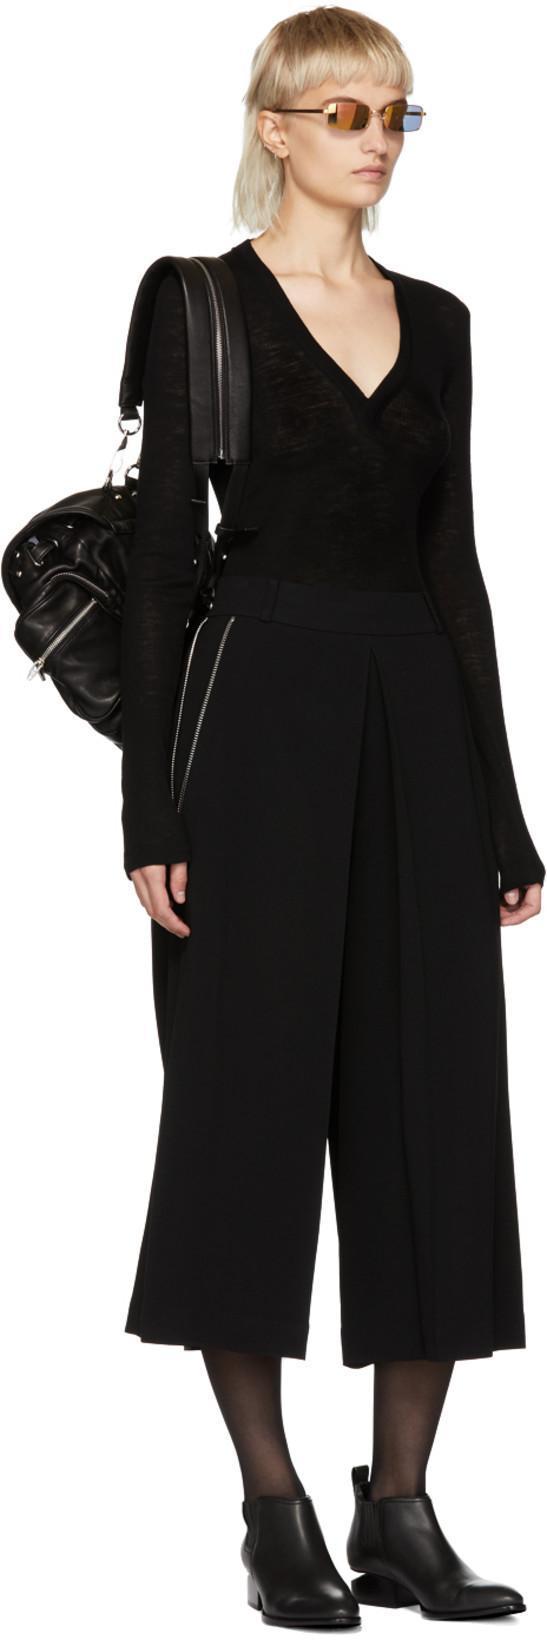 ALEXANDER WANG Metal-Inset Kori Boots - Black Size 10.5